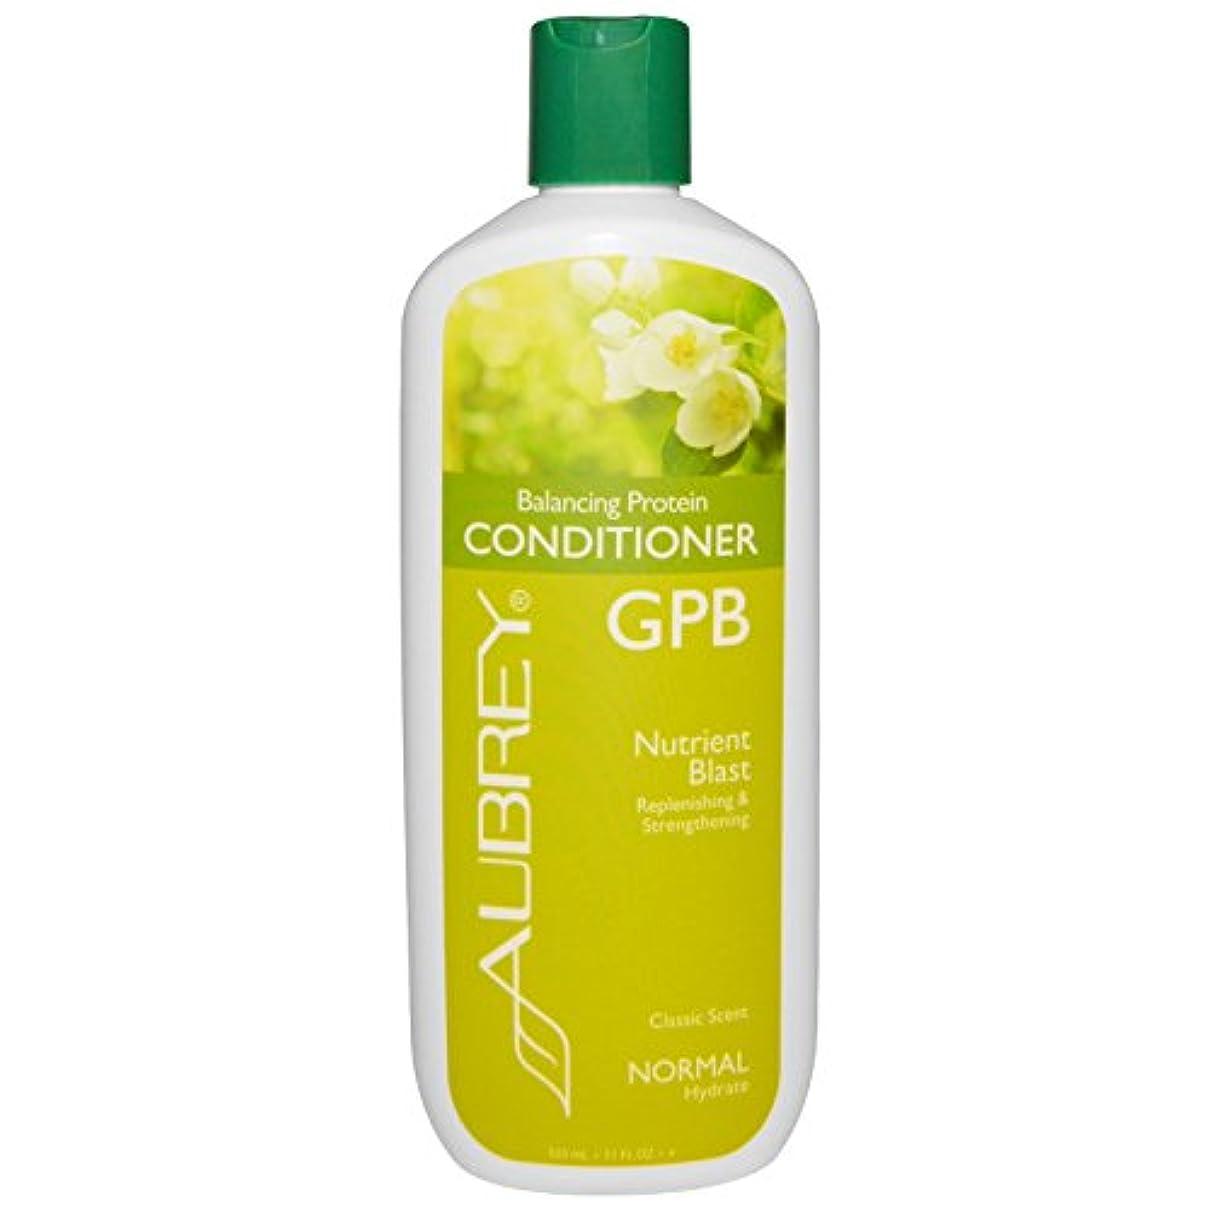 パッドマリナー大統領海外直送品 Aubrey Organics, GPB、バランシング?プロテインコンディショナー、栄養素ブラスト、ノーマルヘア、11液量オンス (325 ml) [並行輸入品]